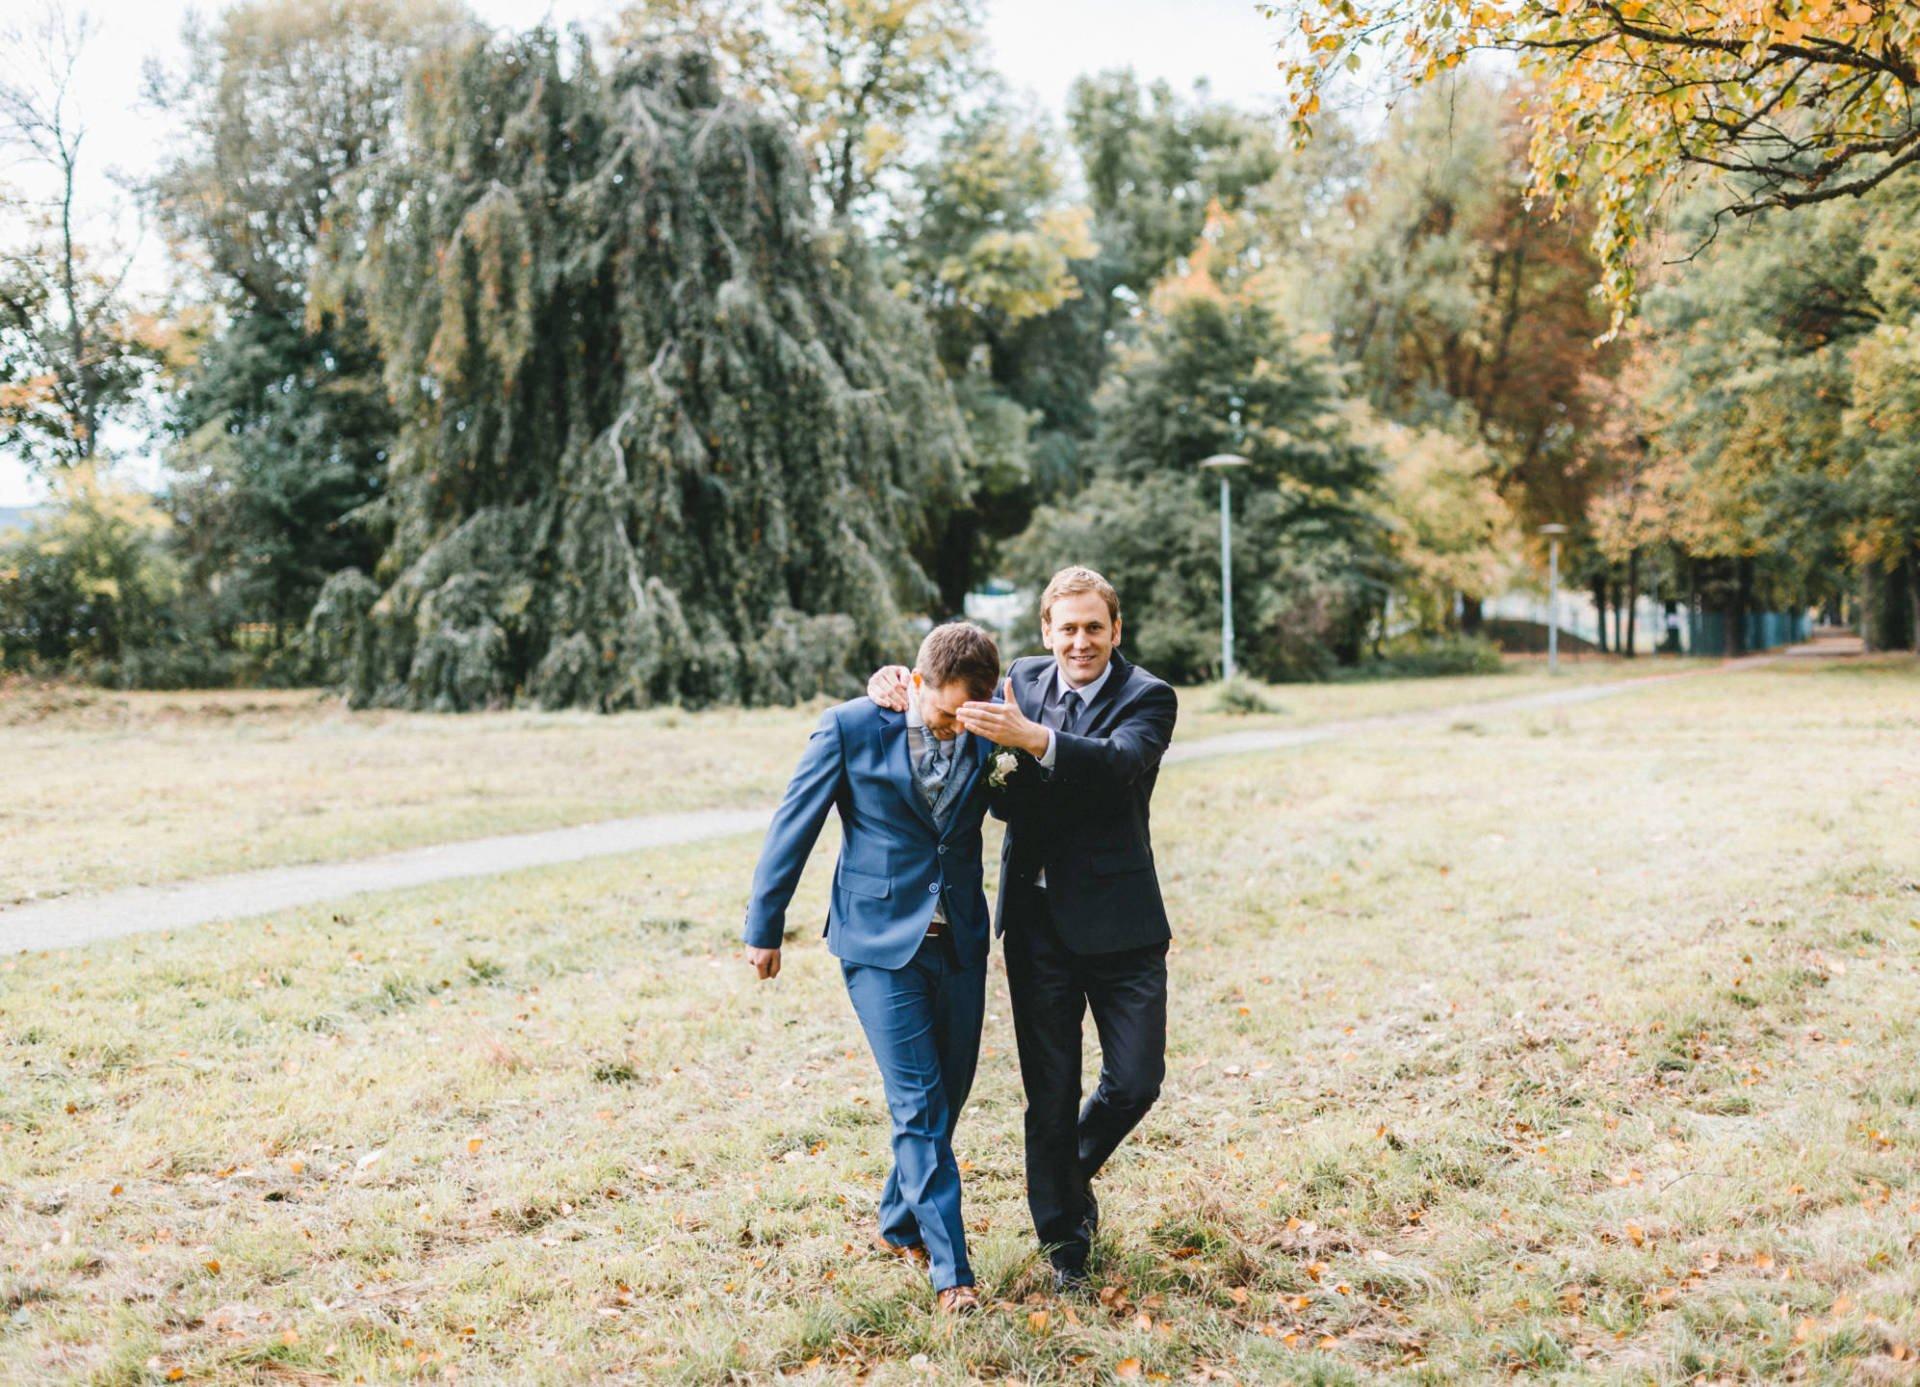 Hochzeitsreportage | Hochzeit im Paradies Jena | 1